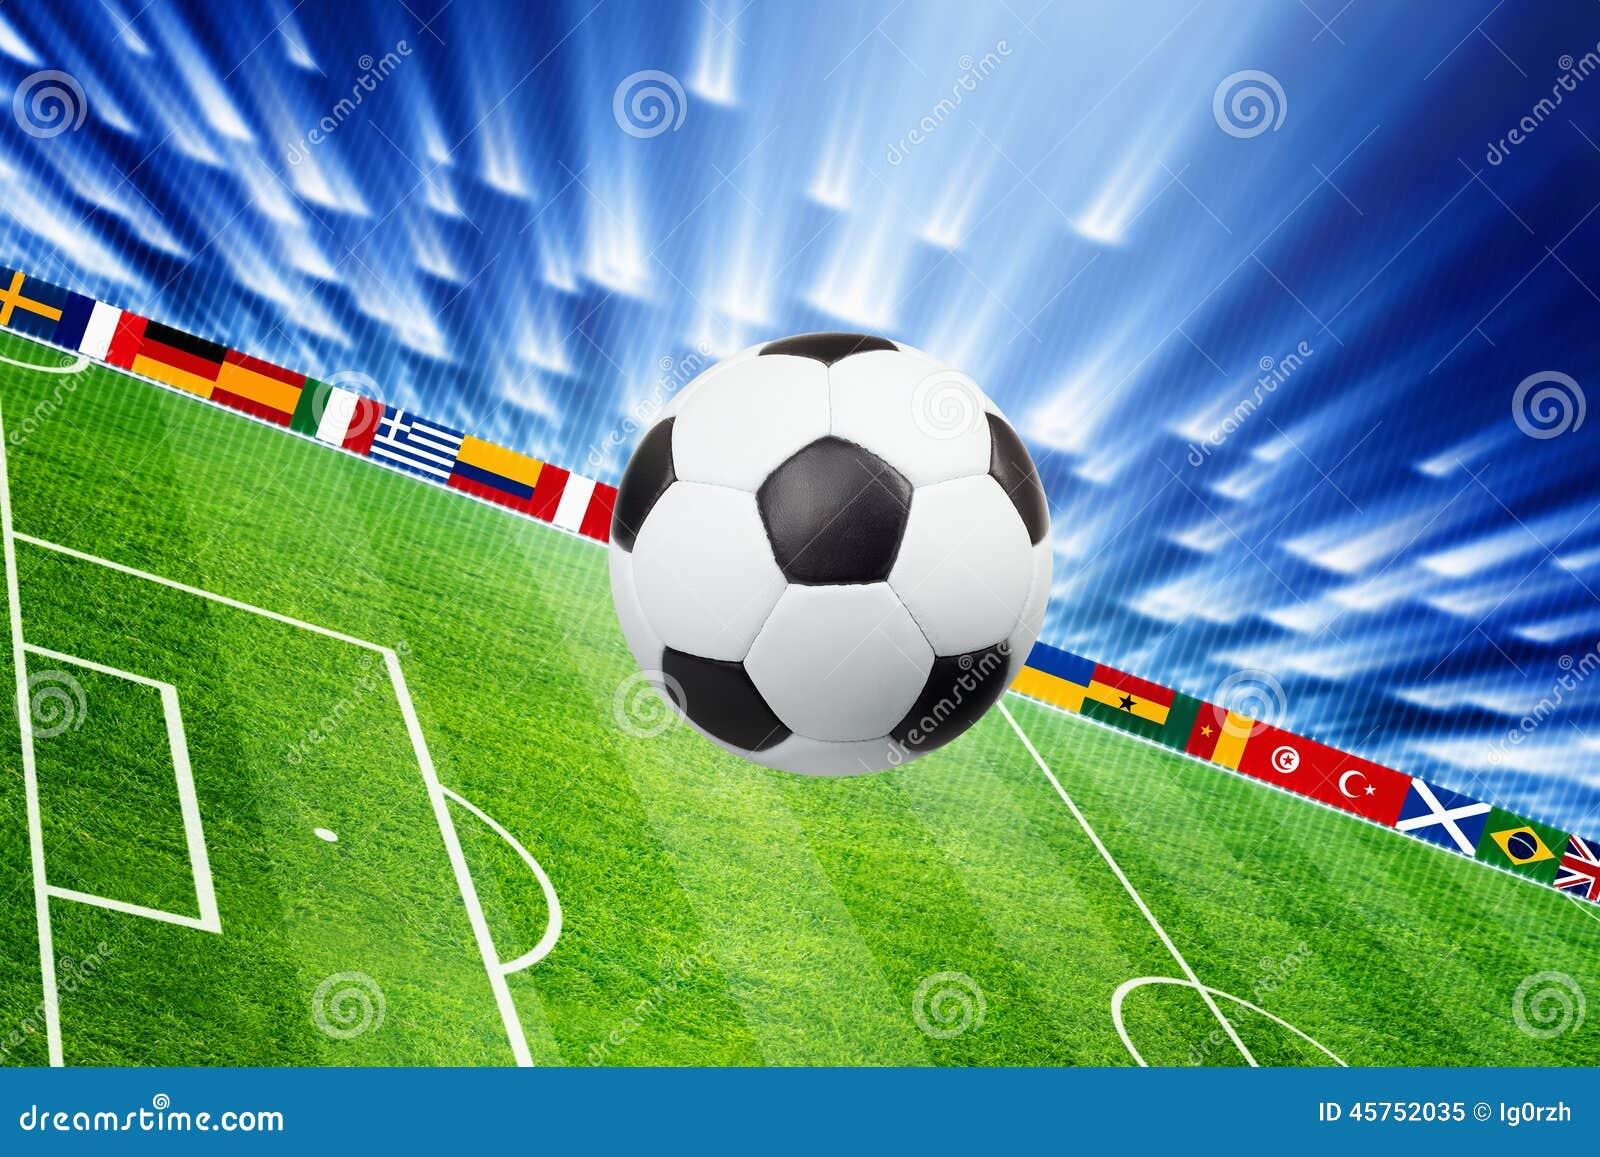 足球_足球背景